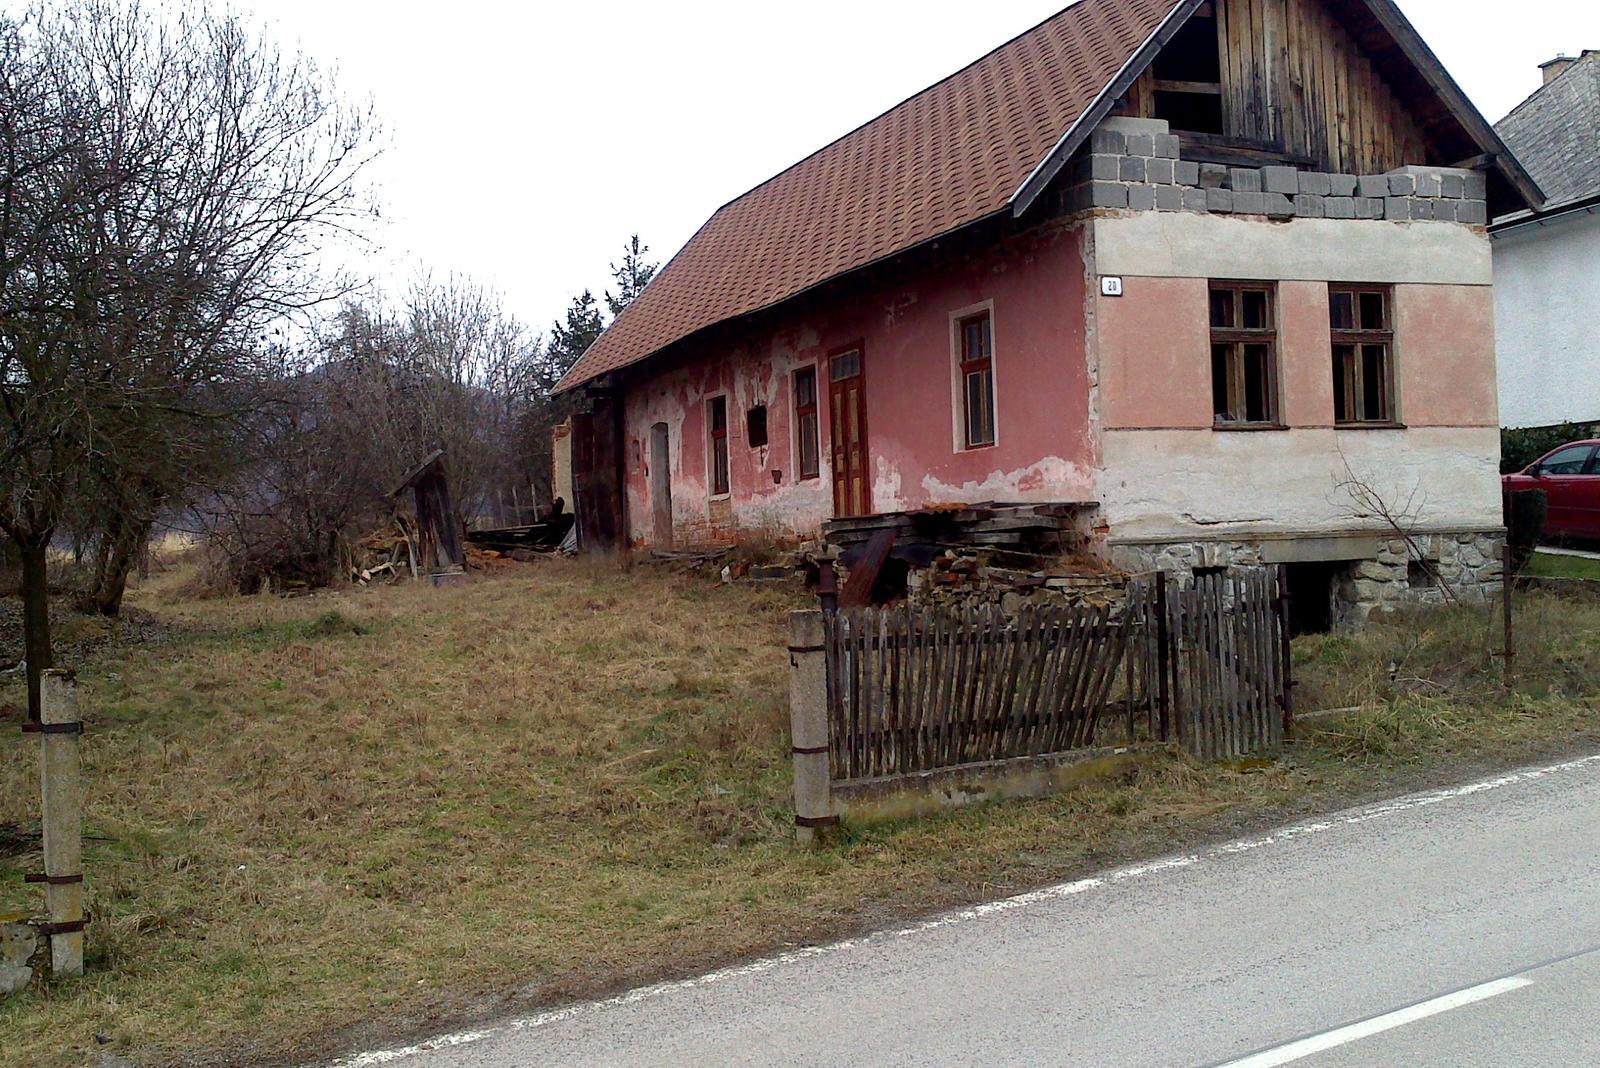 Rekonštrukcia domčeka z roku 1937 - Apríl 2014. Tesne pred začiatkom rekonštrukcie